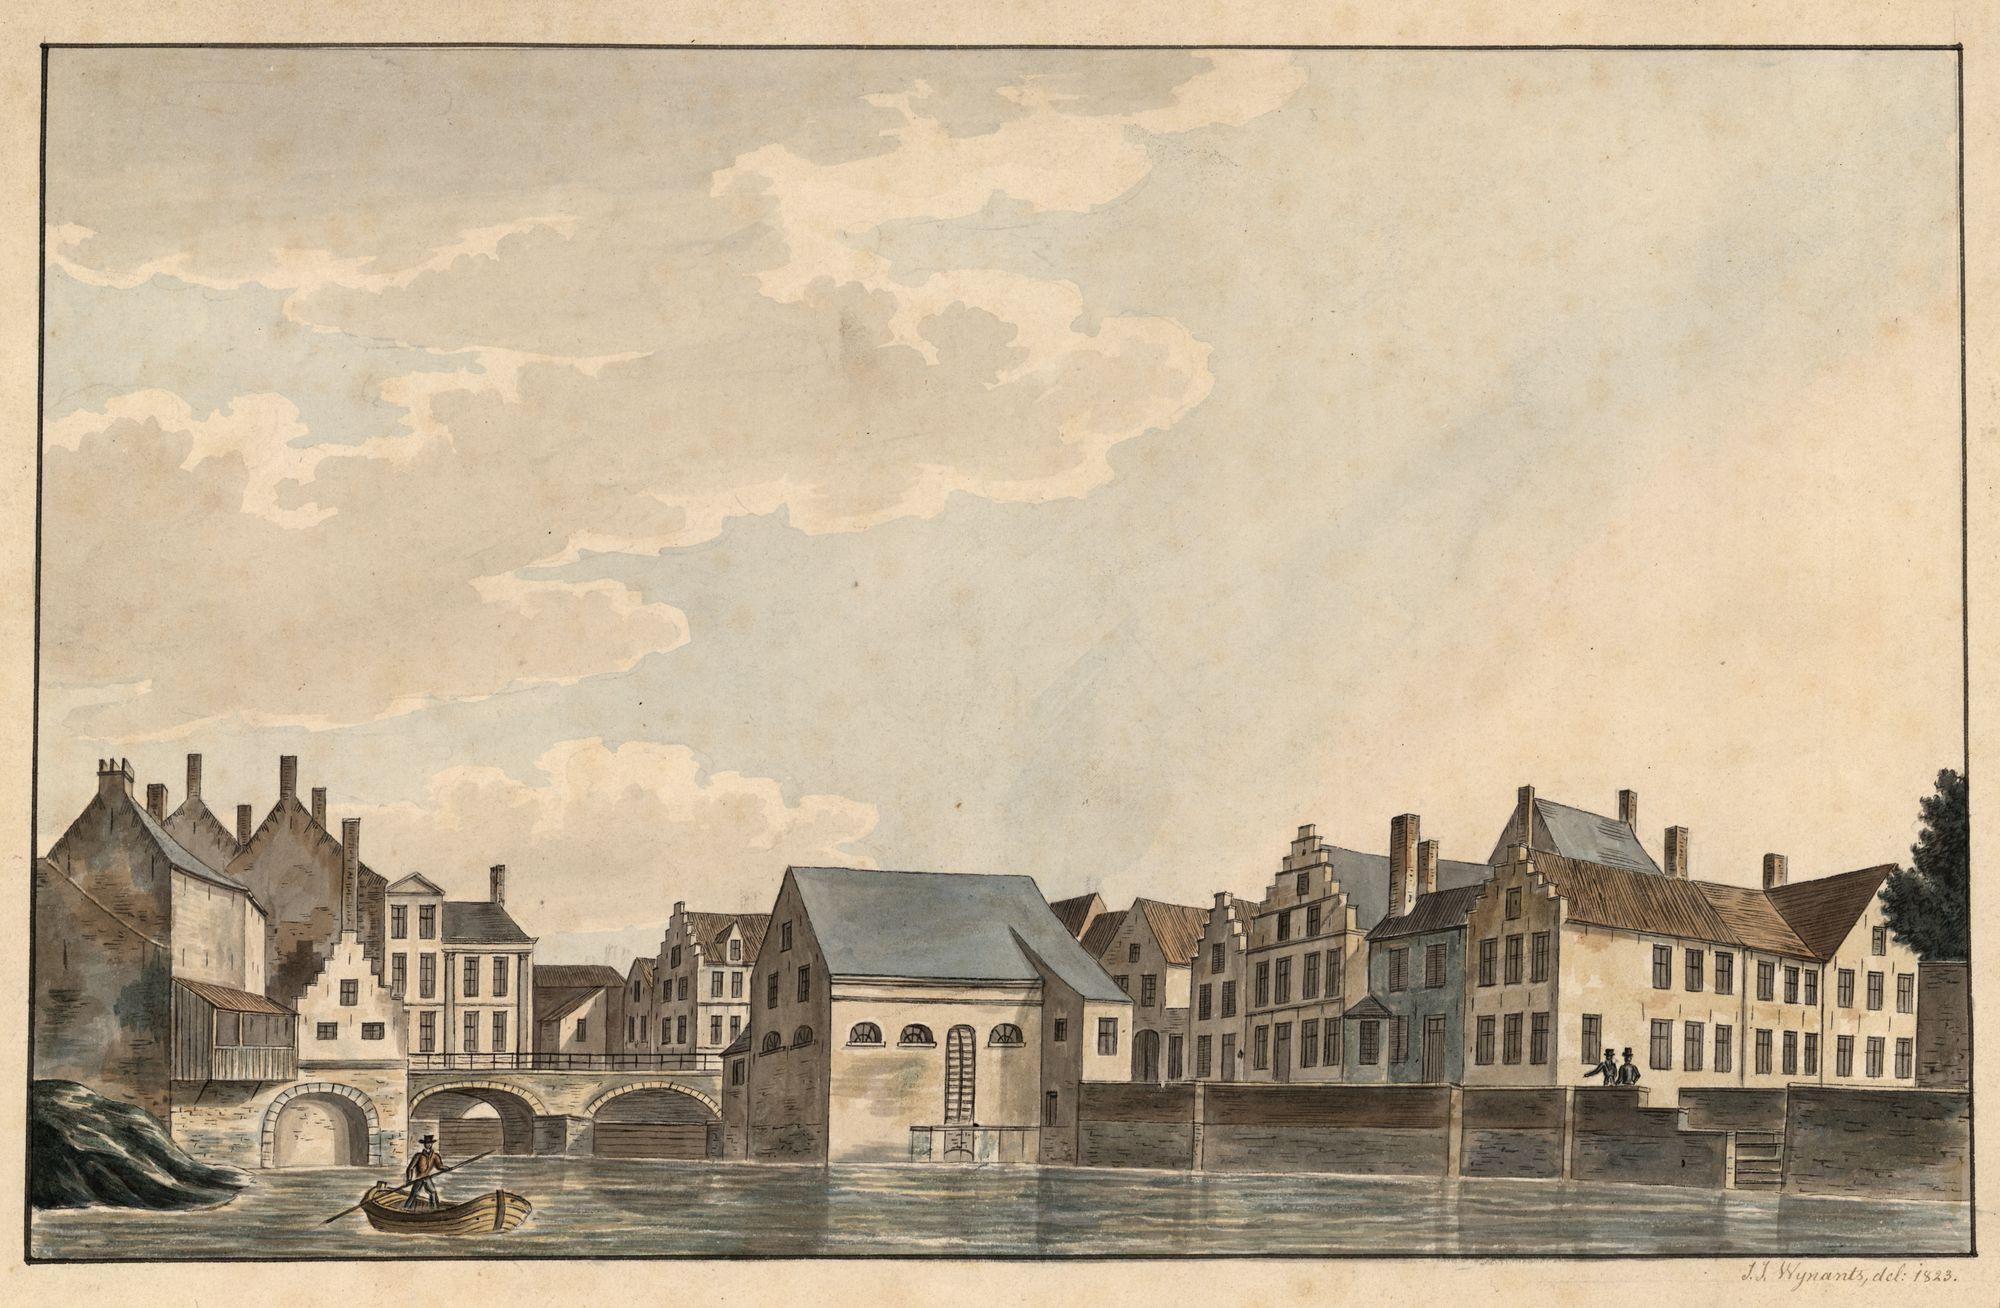 Gent: Braampoort en watermolen aan de Schelde (Braamgaten)